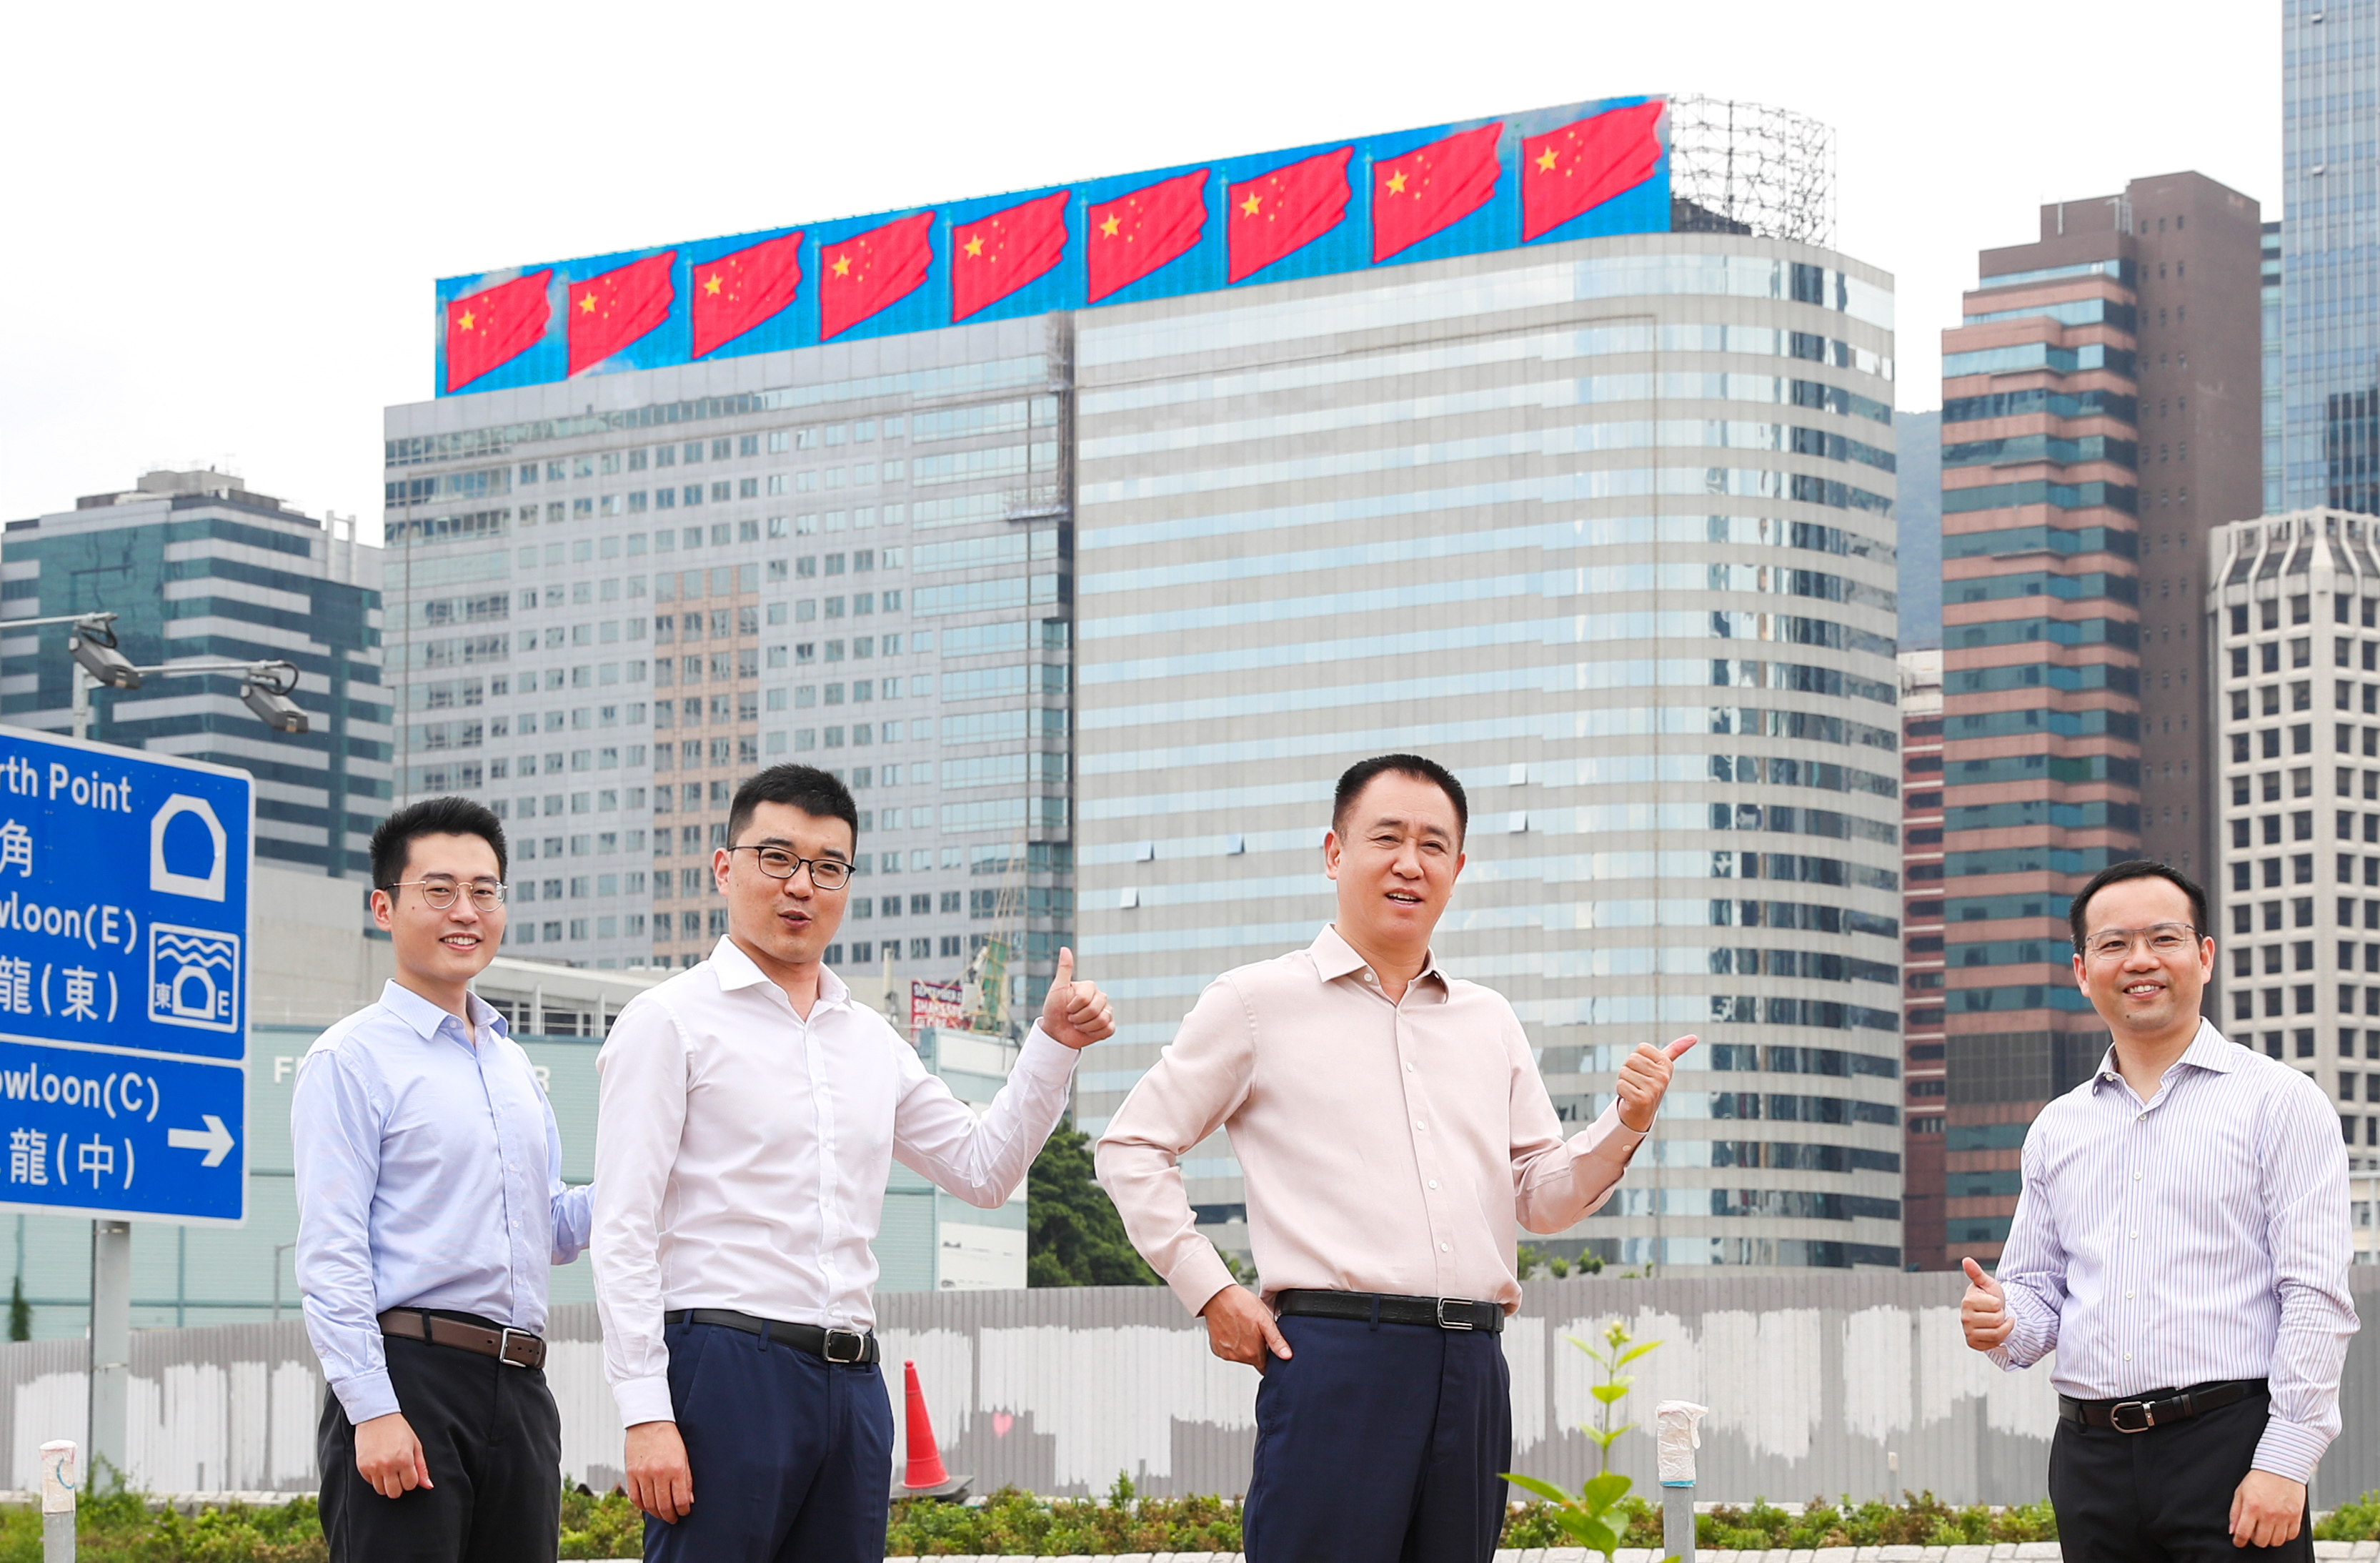 许家印检查恒大香港总部大楼五星红旗飘扬的展示效果